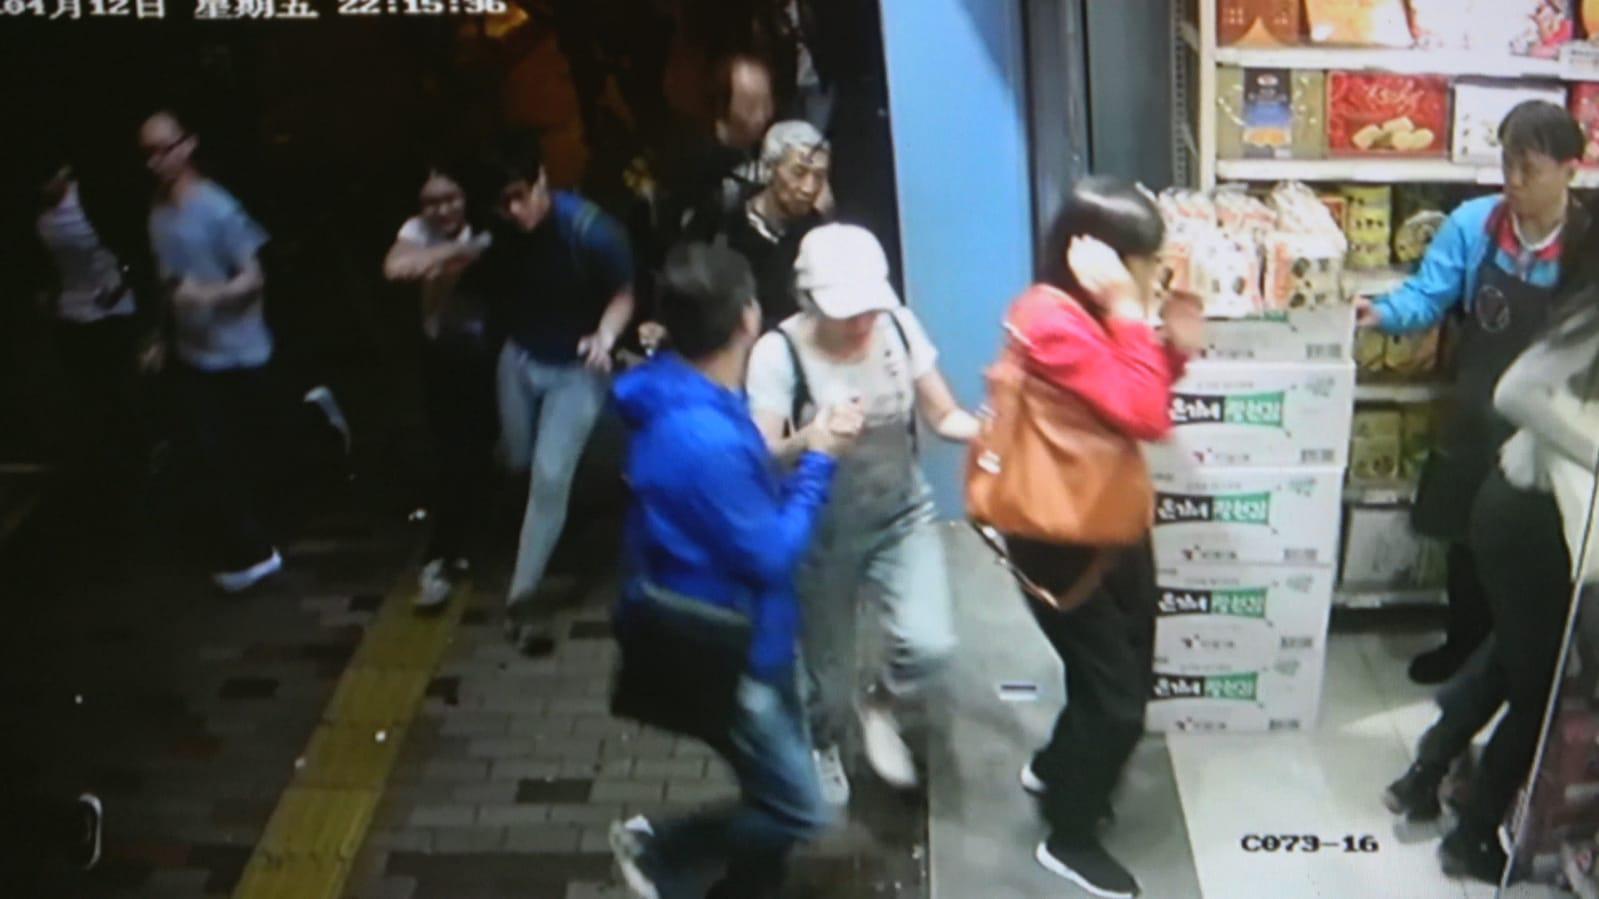 途人聞槍聲走入零食店避難。